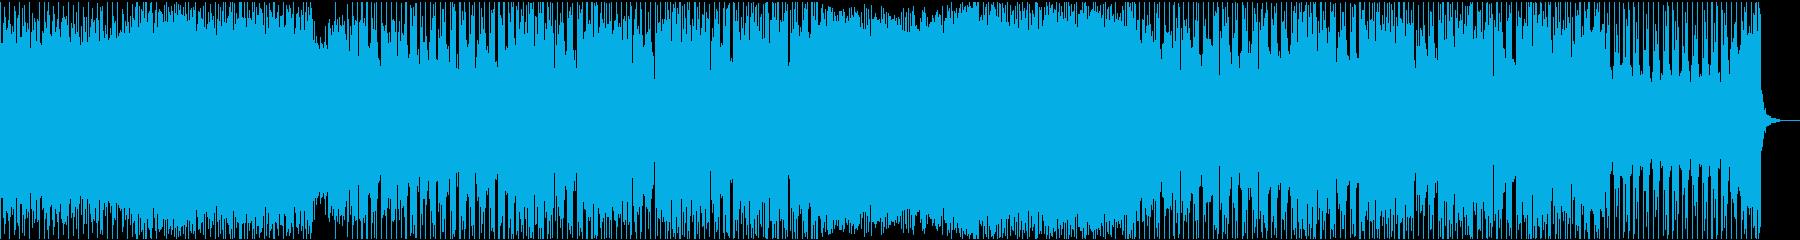 シンプルで爽やかな企業VP/CM 6の再生済みの波形